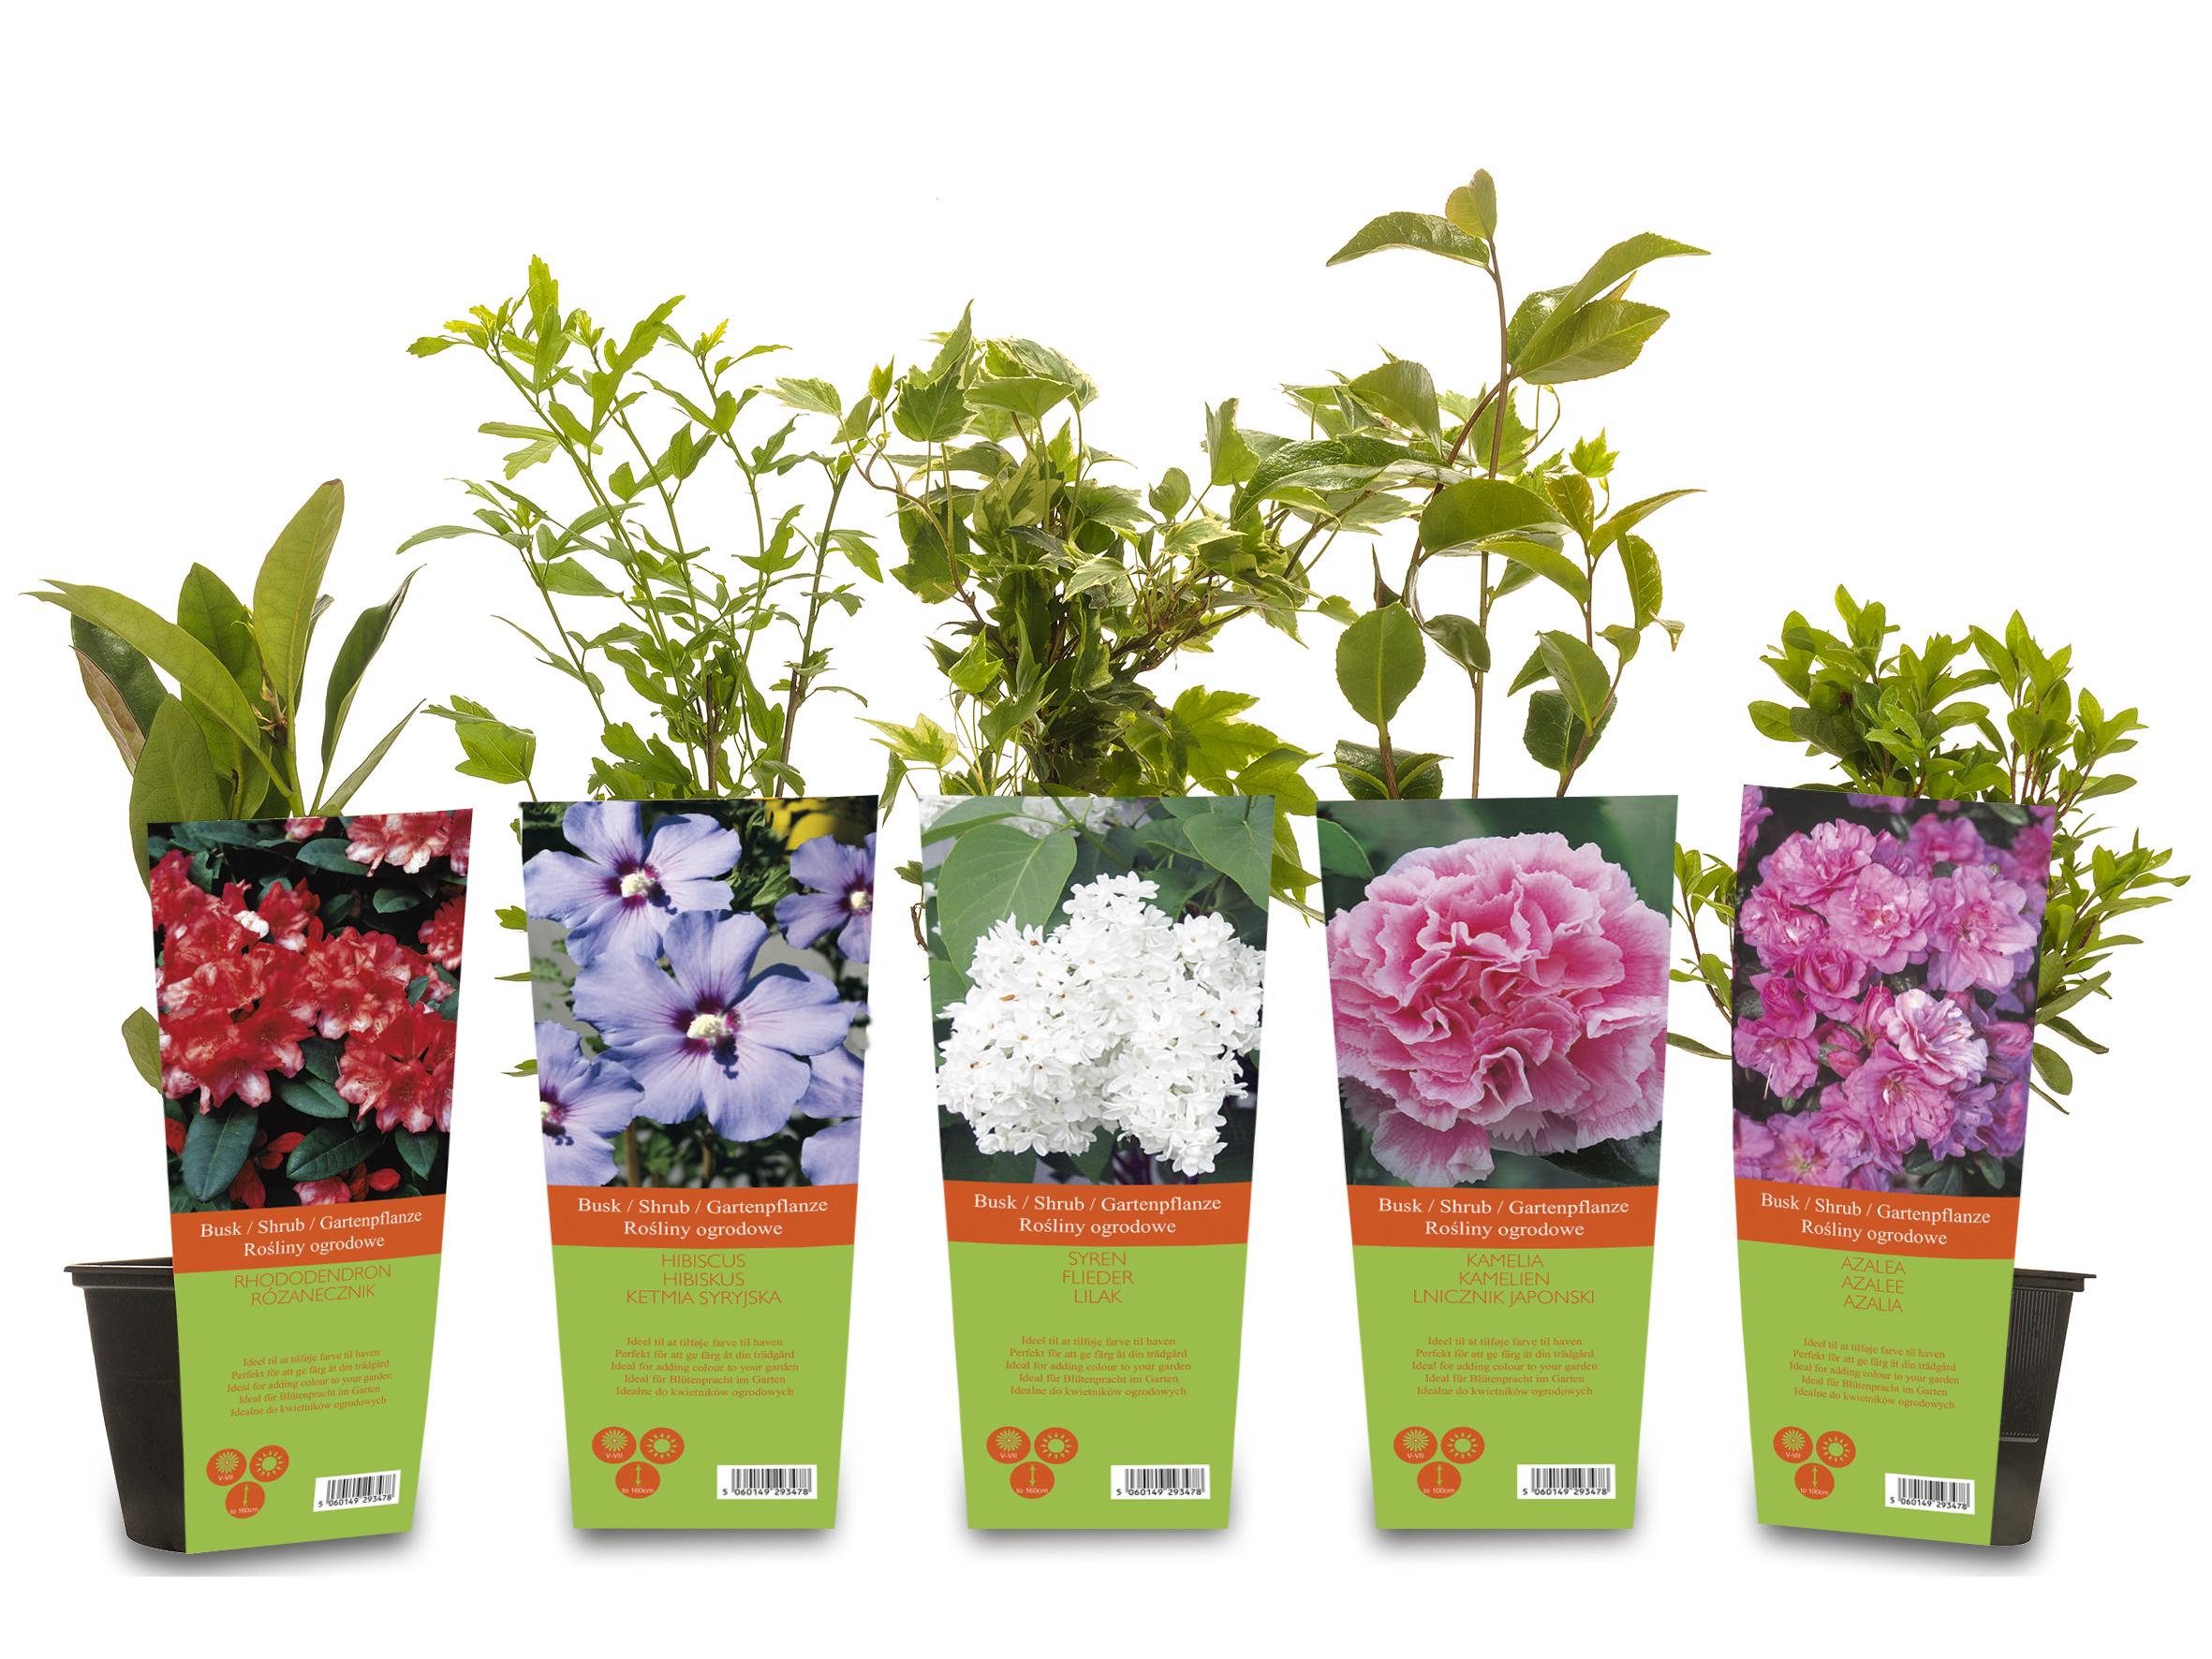 Sträucher im Topf mit Bildplatte von Dominik GmbH & Co. Pflanzenvertriebs KG